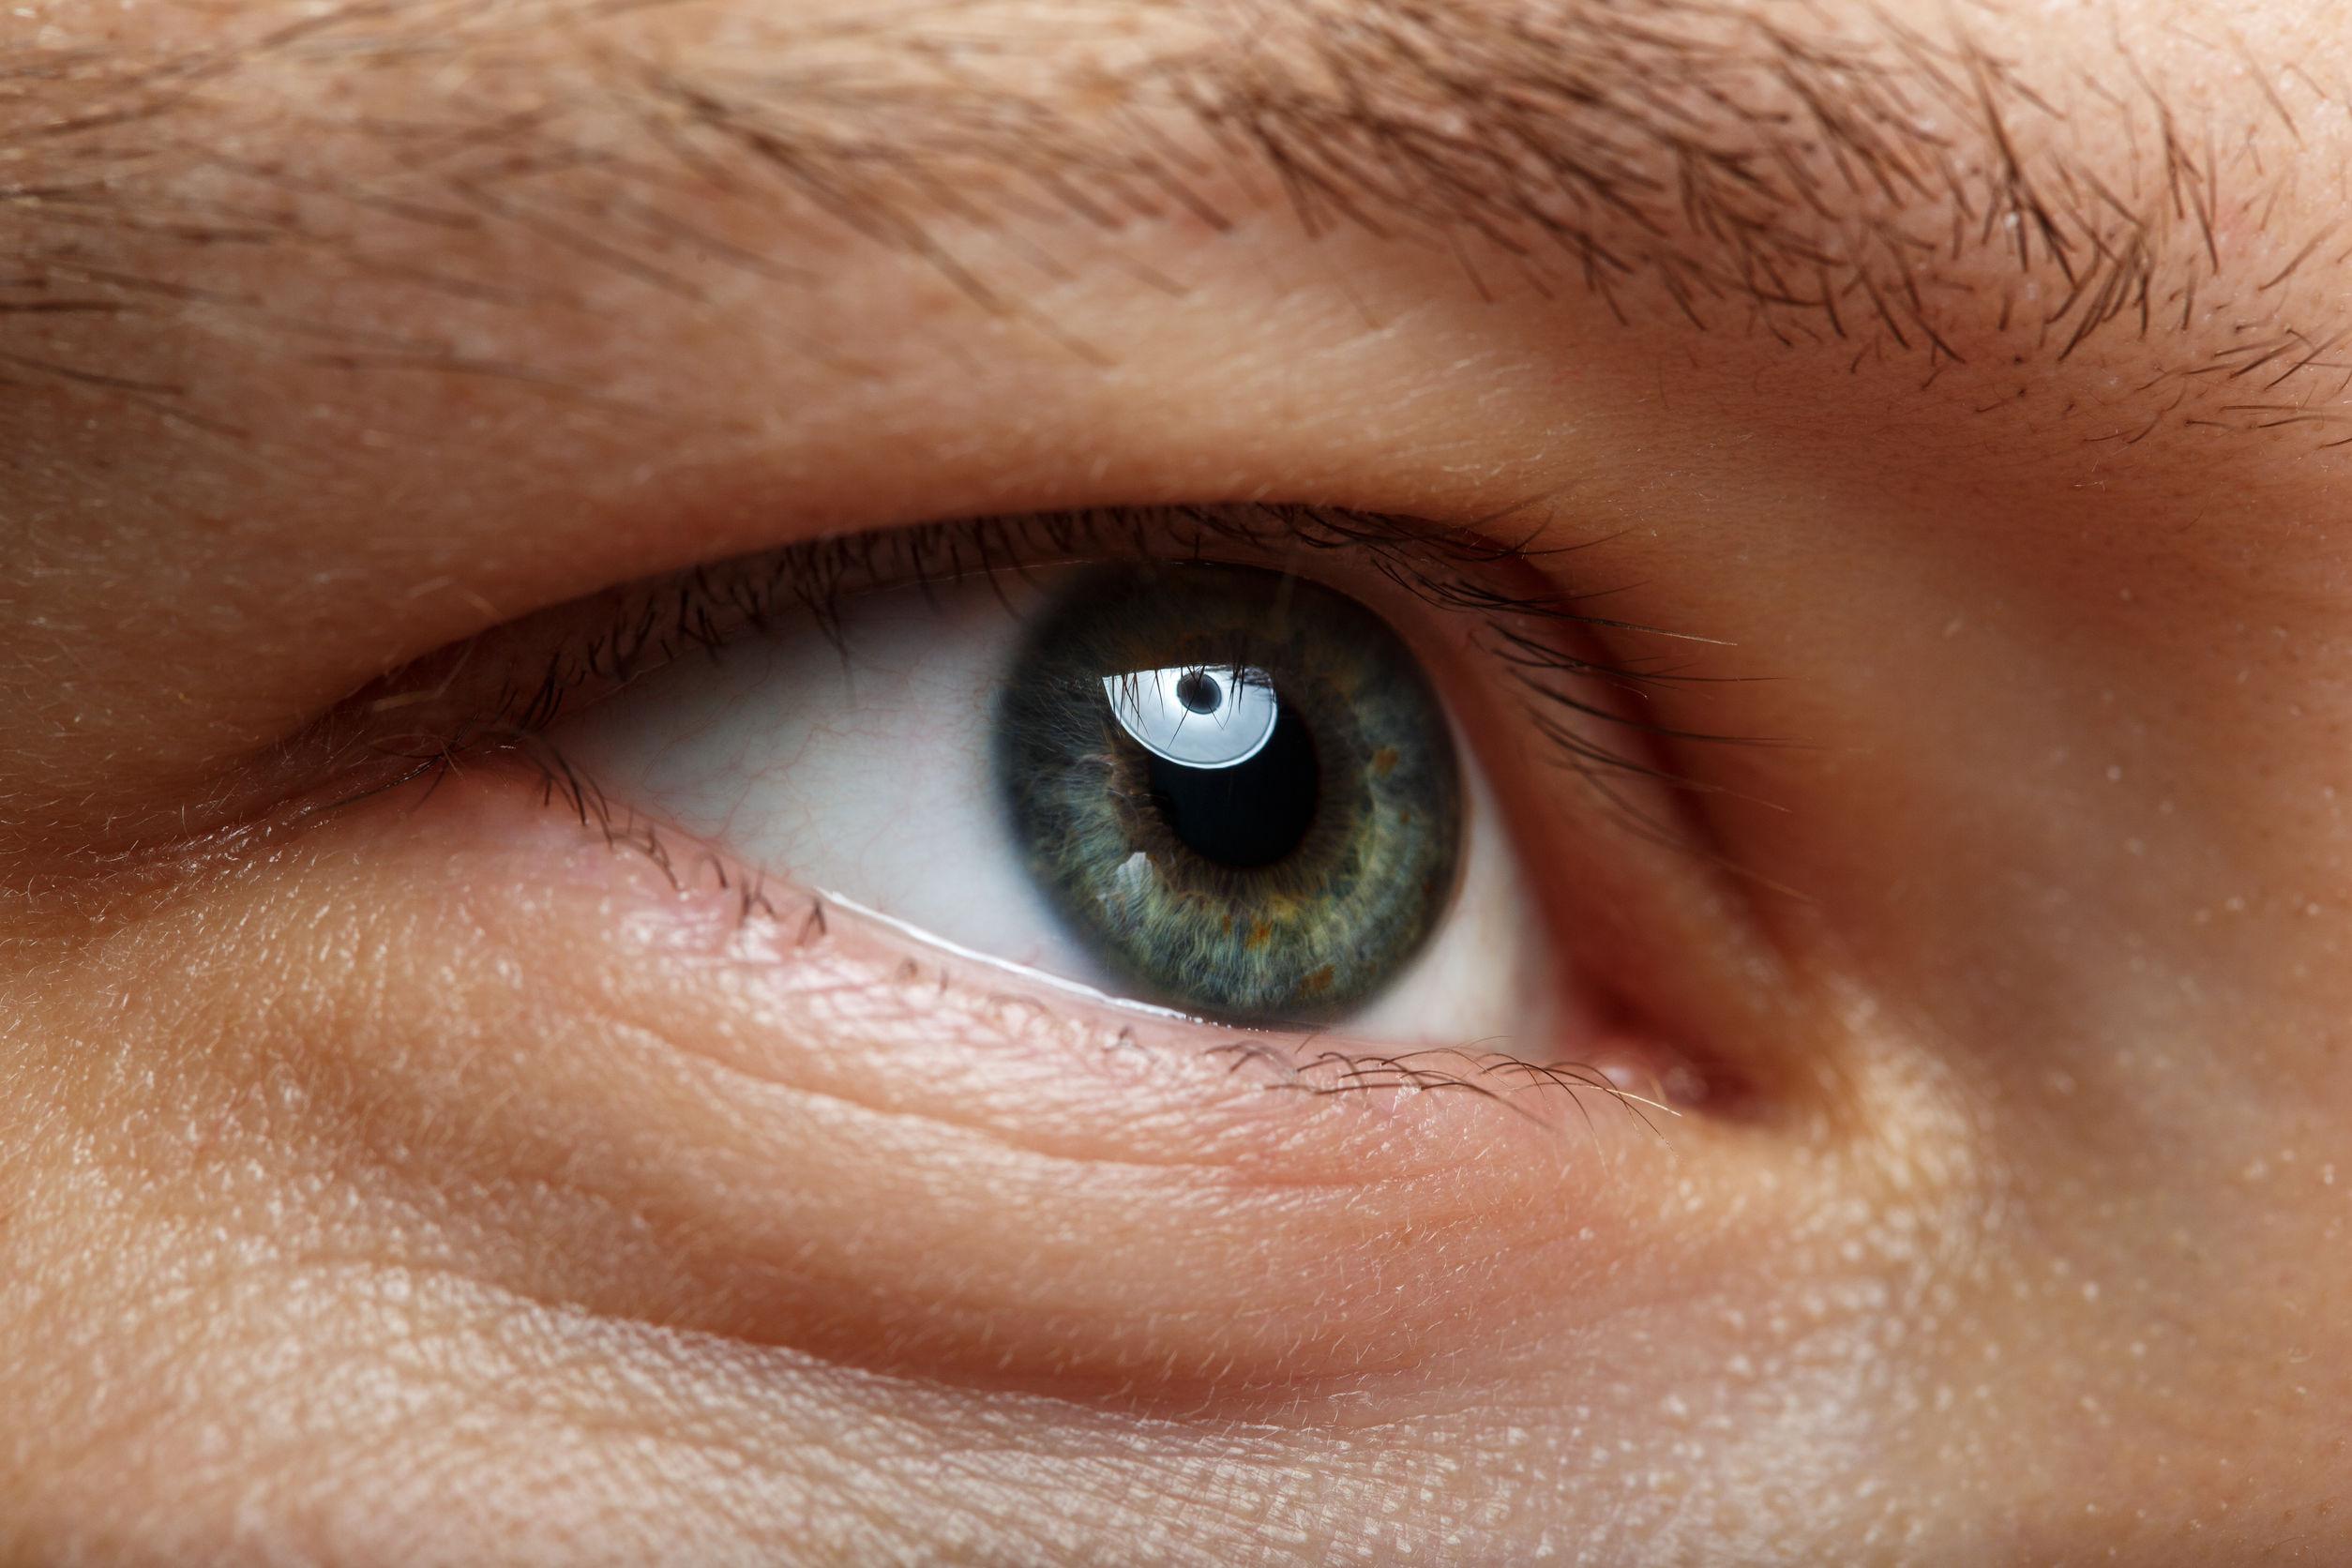 Gros plan sur l'oeil droit d'un homme aux yeux verts